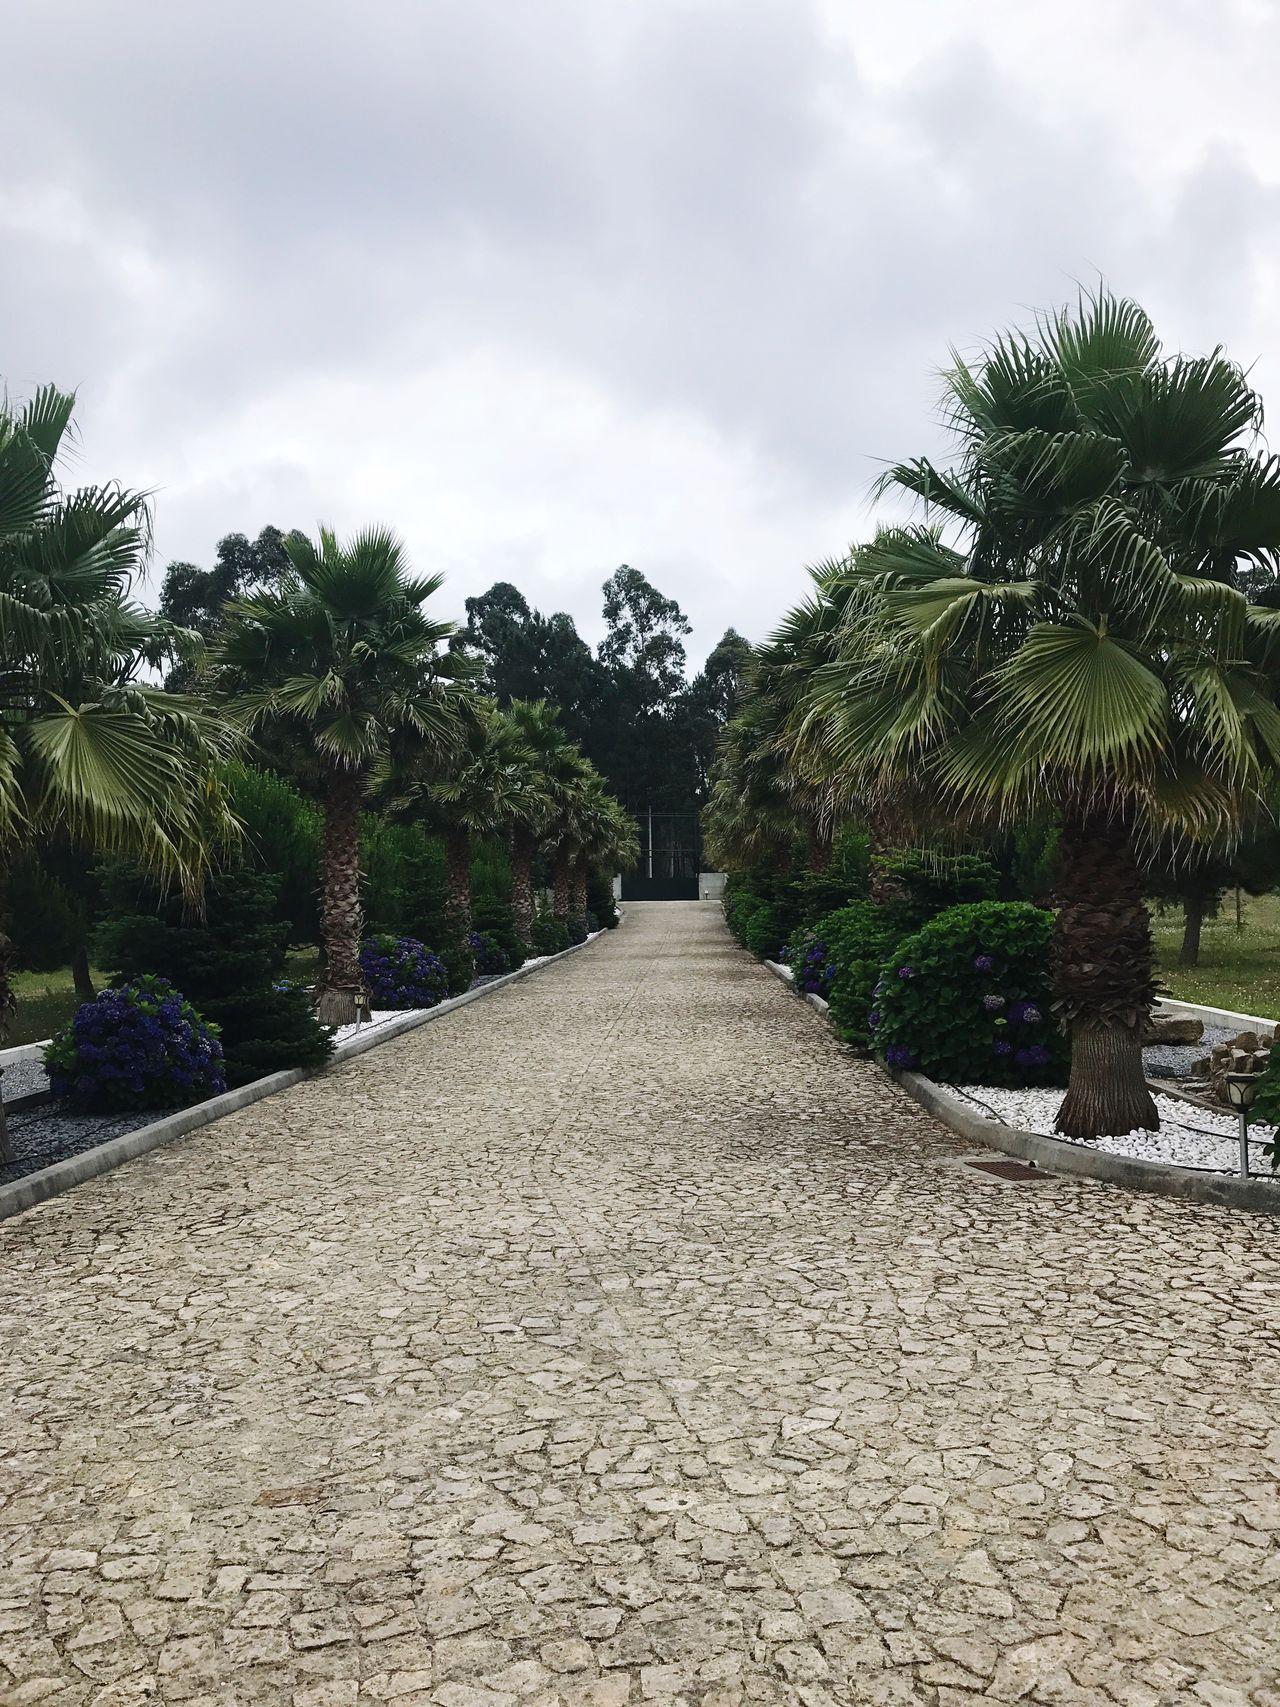 Luxury Driveway Palm Tree Hydrangeas